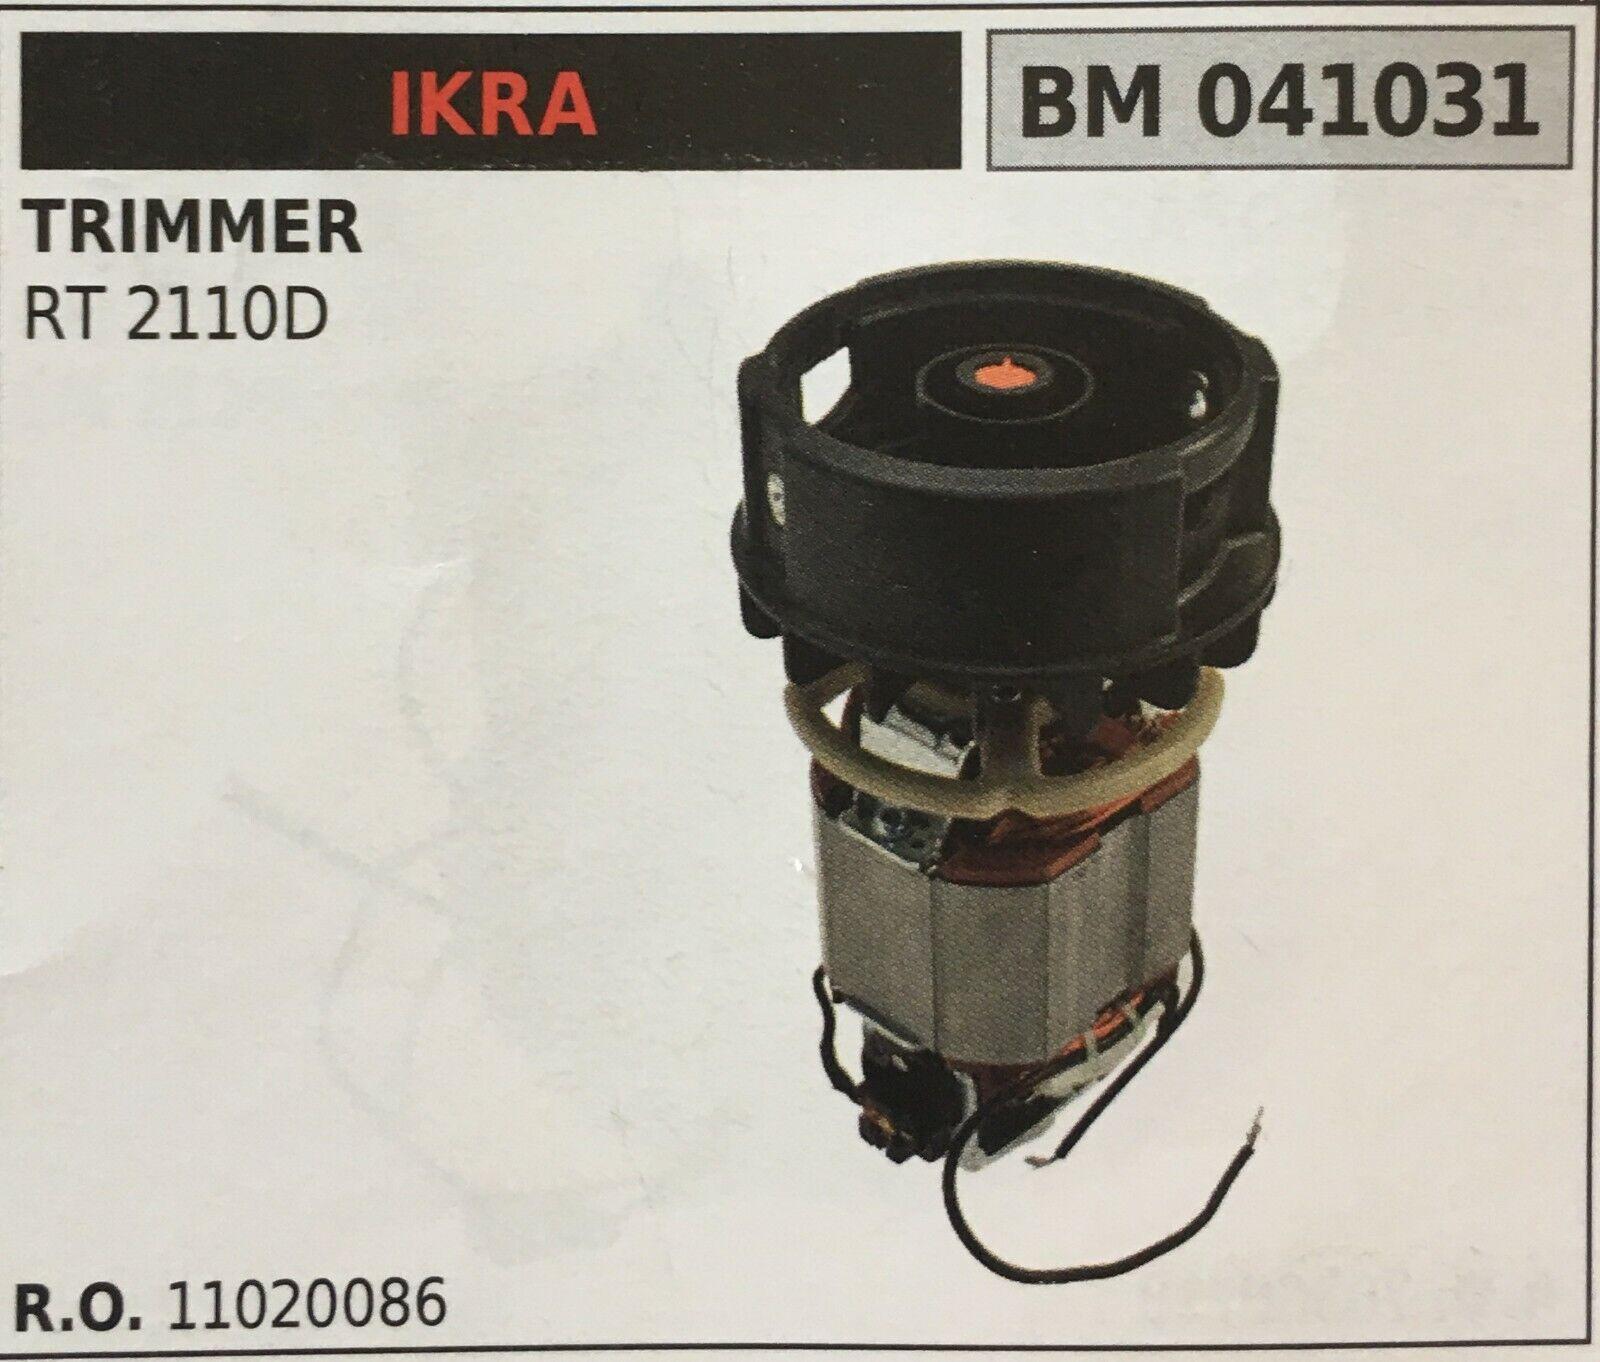 Motor Elektrisch Brumar Ikra BM041031 Trimmer Rt 2110D